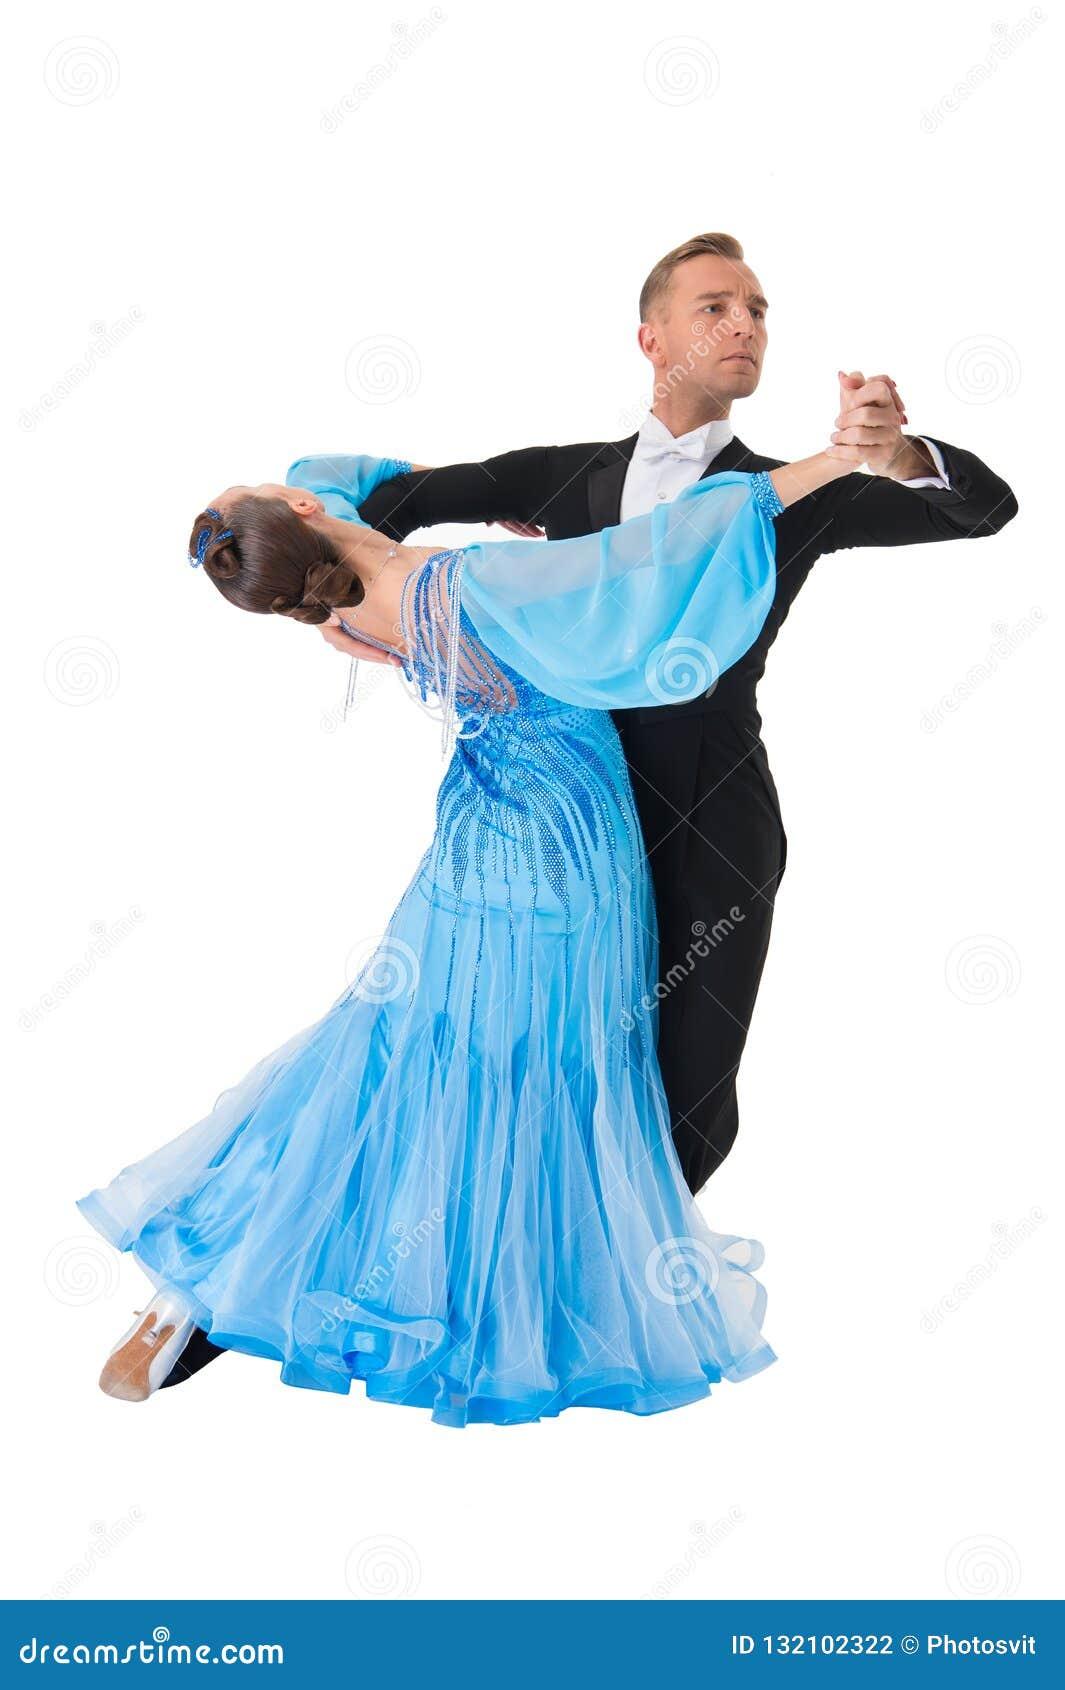 Sala balowa tana para w taniec pozie odizolowywającej na białym tle sali balowej proffessional zmysłowi tancerze tanczy walz